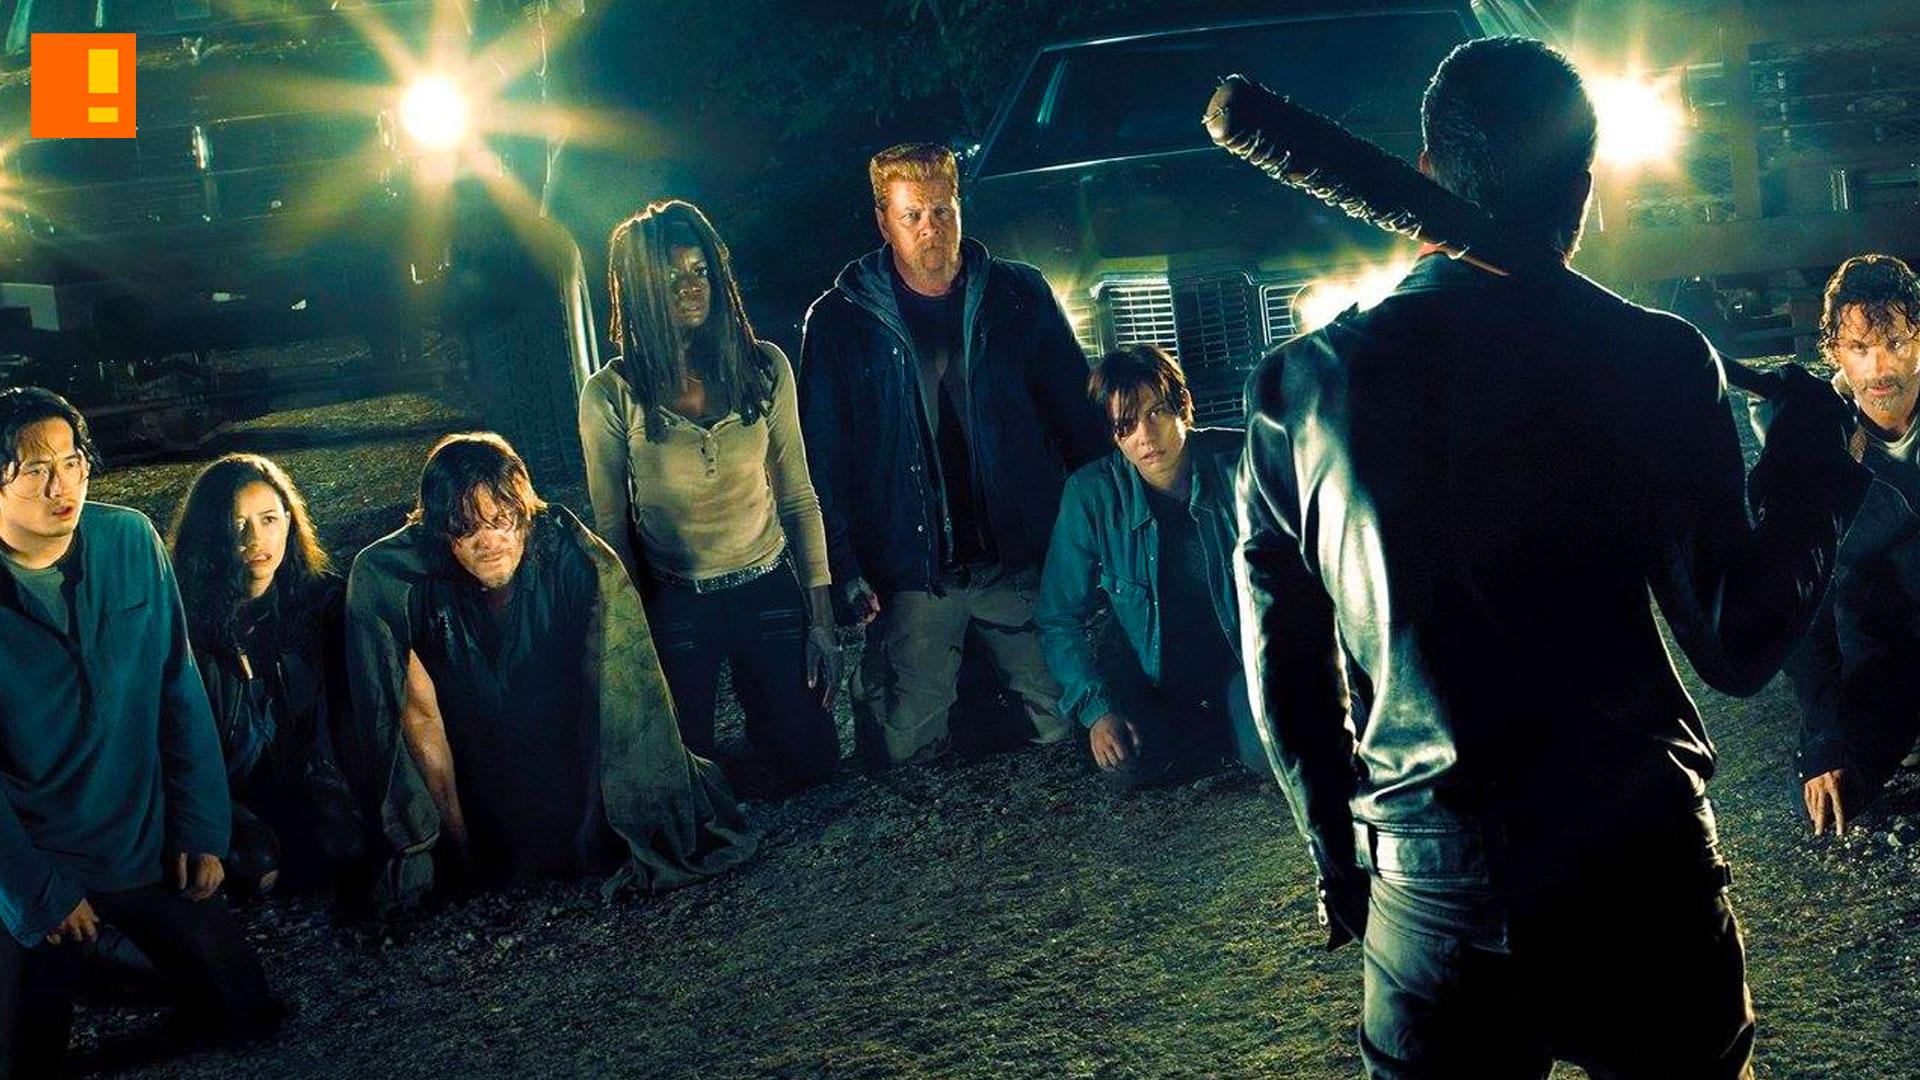 The Walking Dead Season 7 Negan Lucille Key Art Image